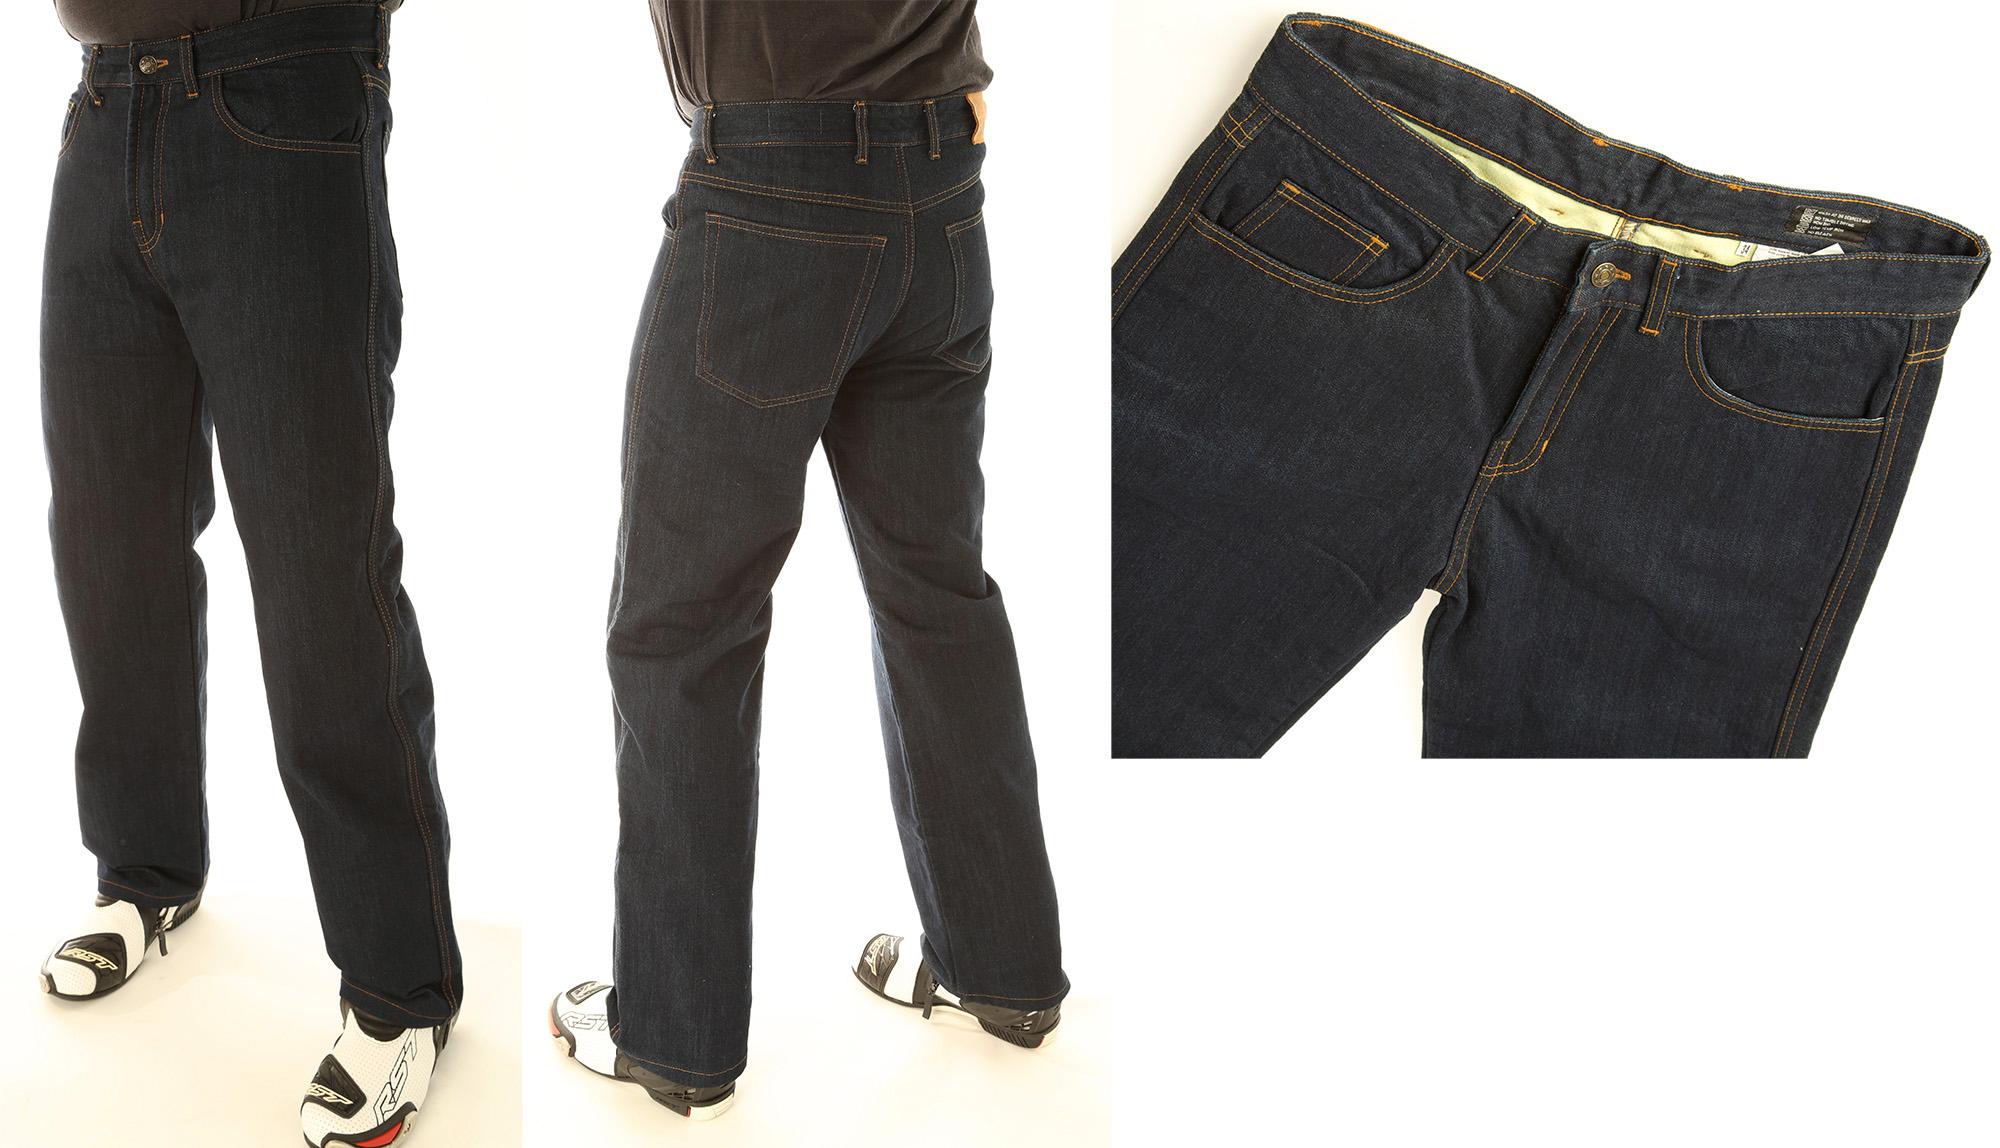 Roadskin Motorcycle Jeans